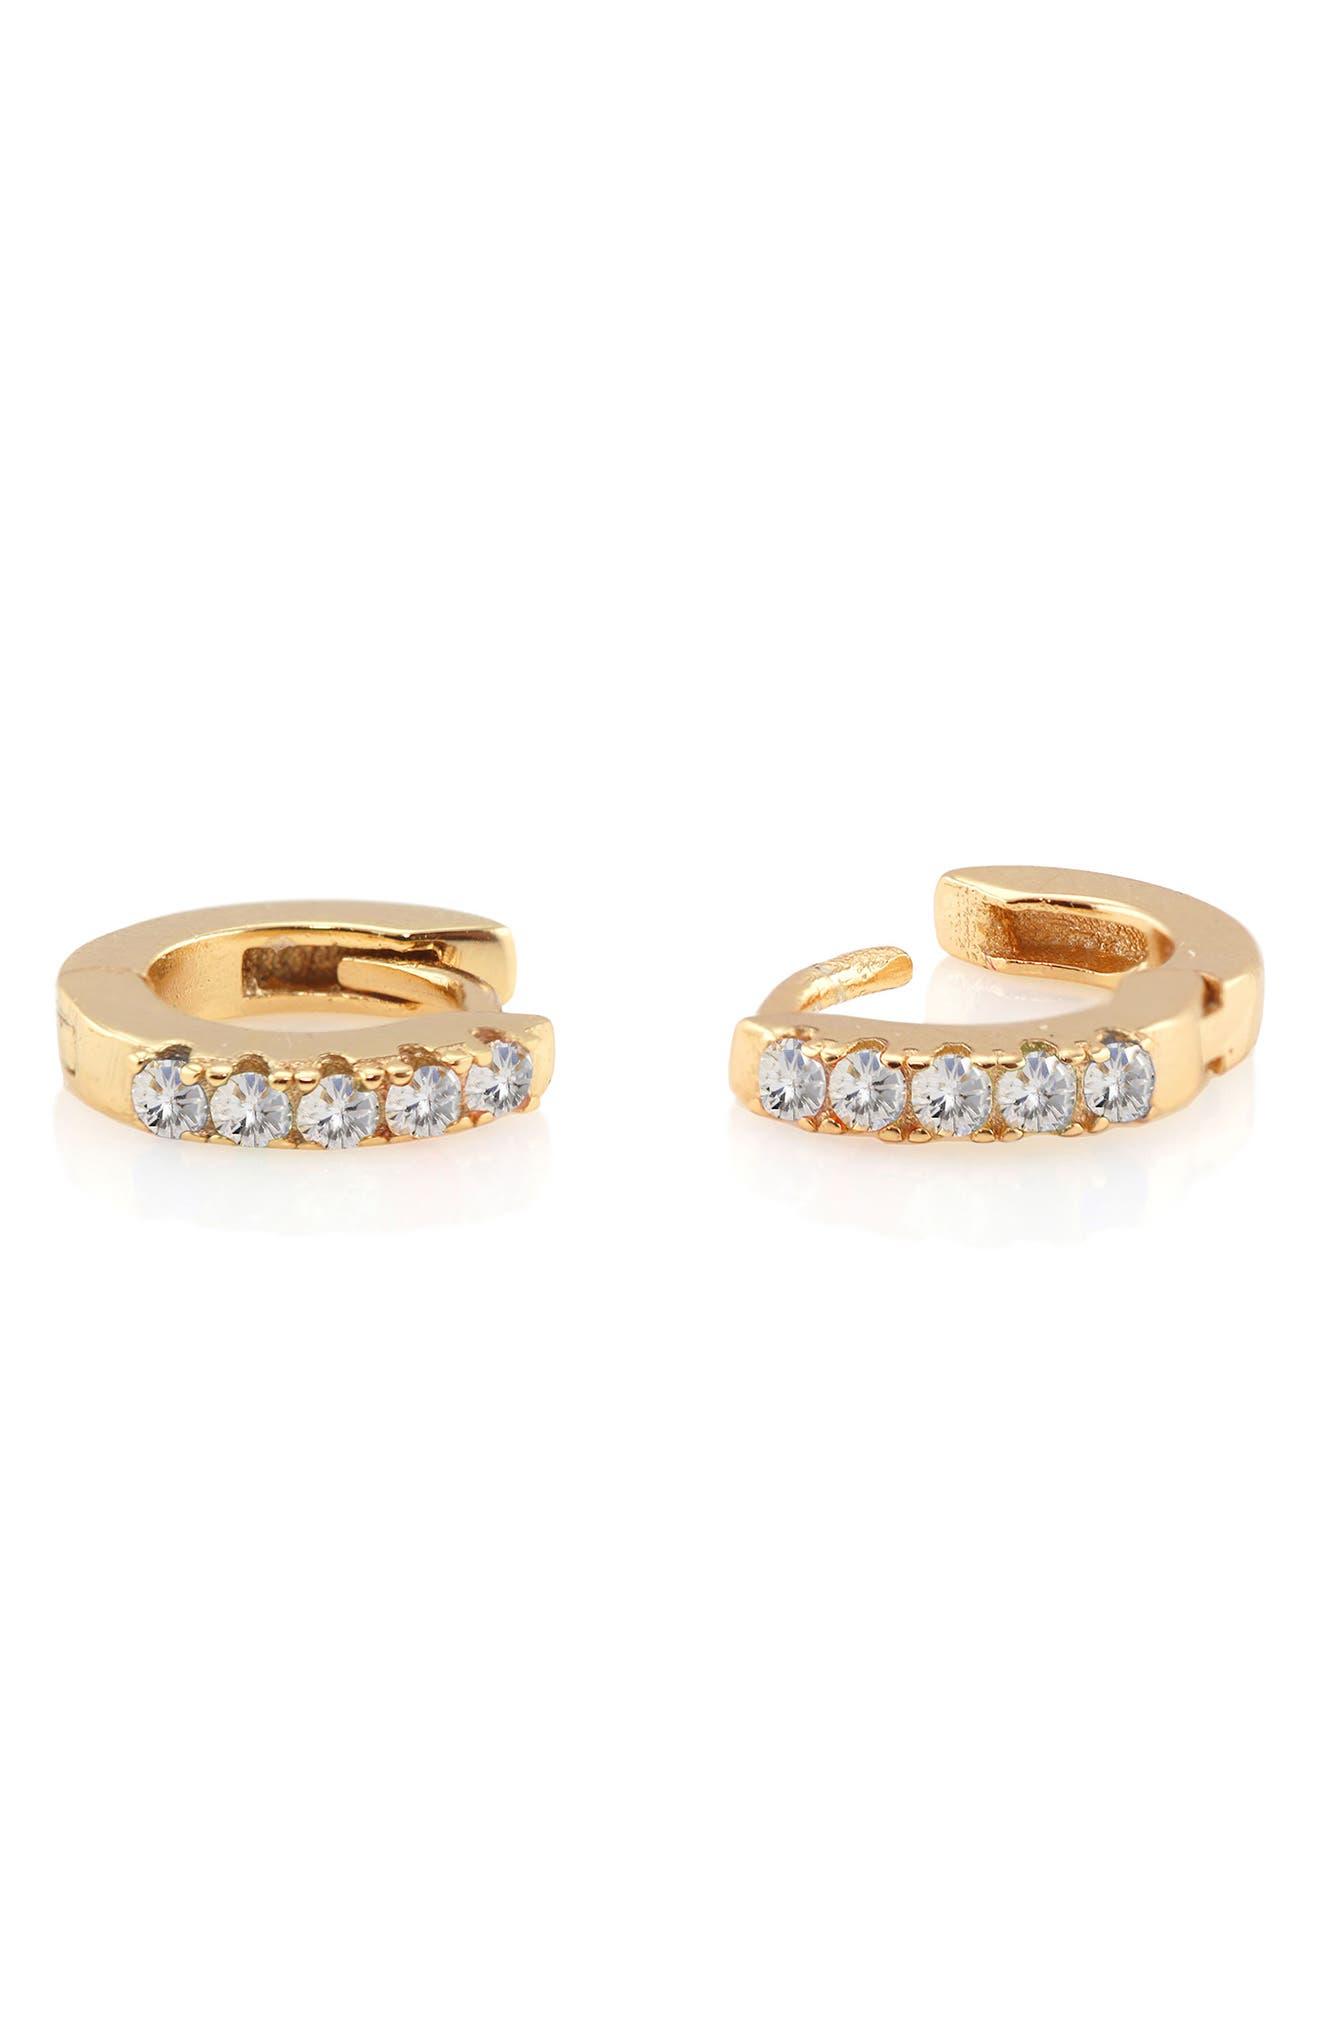 Kris Nations Pave Huggie Hoop Earrings in Gold/Clear Crystal at Nordstrom